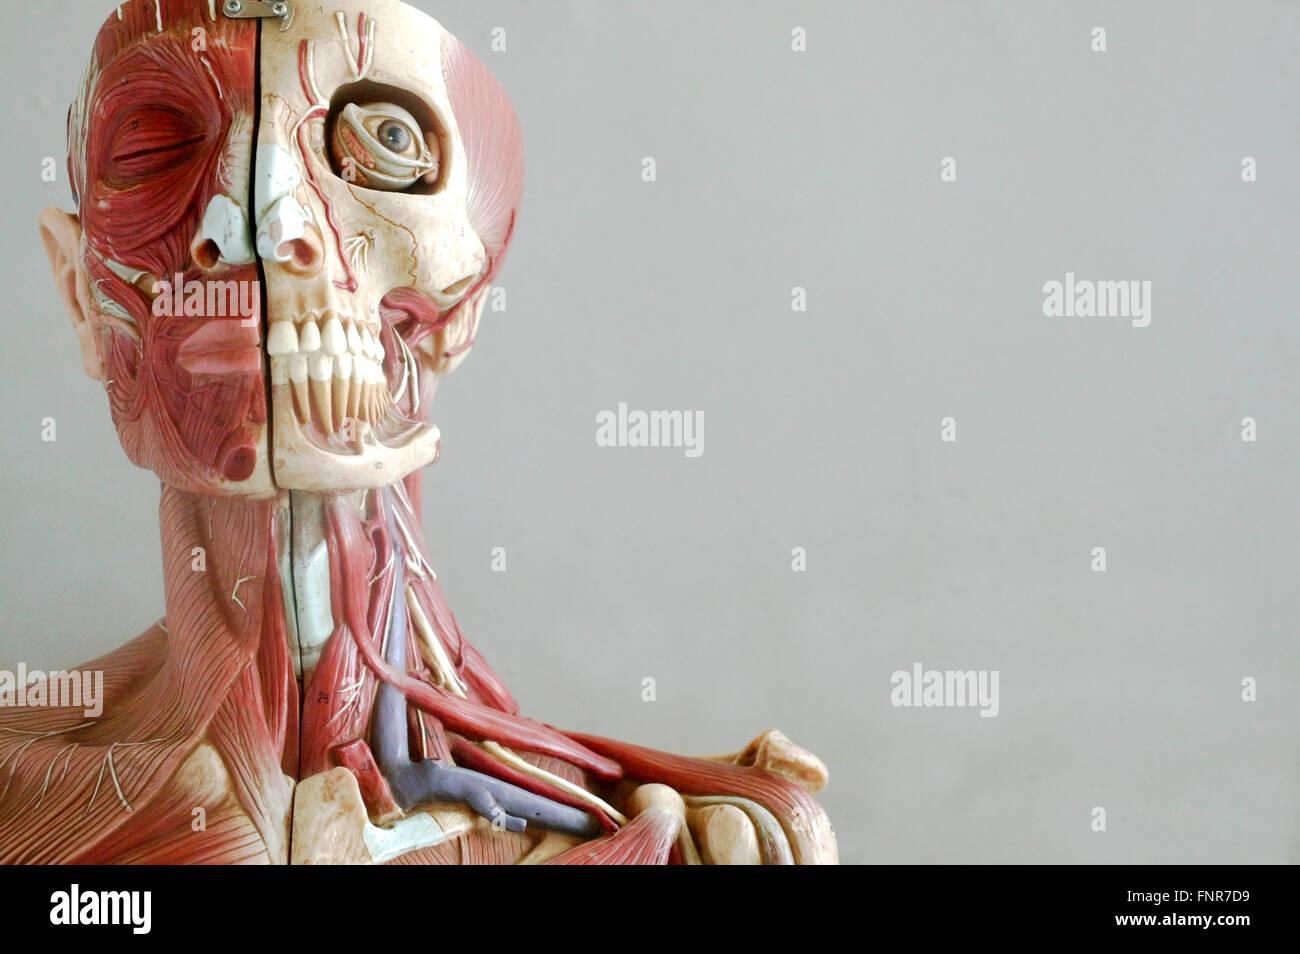 Fantastisch Arterien Im Nacken Ideen - Menschliche Anatomie Bilder ...